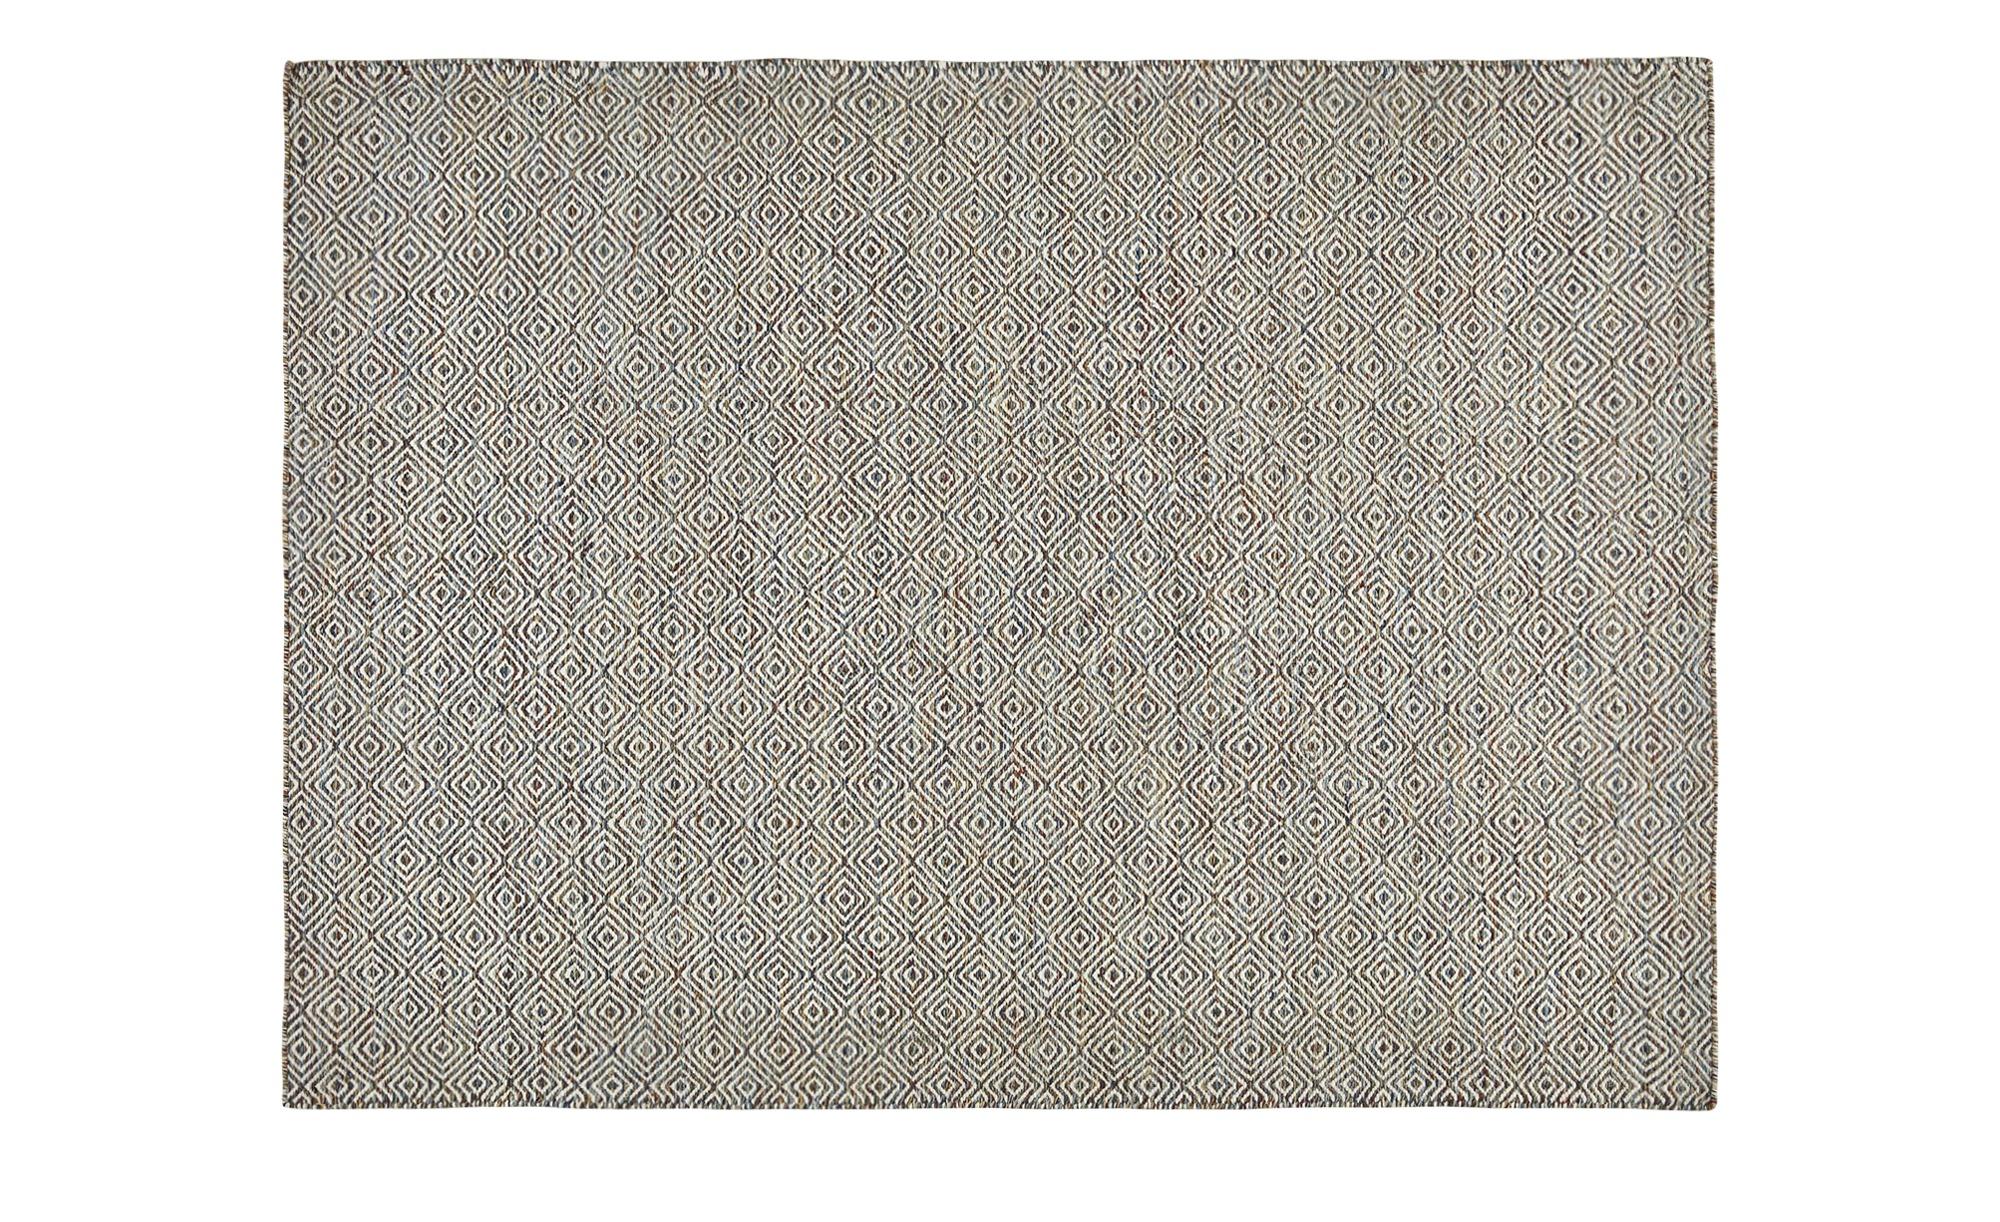 Handwebteppich  Hygge ¦ mehrfarbig ¦ 100% Wolle ¦ Maße (cm): B: 120 Teppiche > Wohnteppiche - Höffner